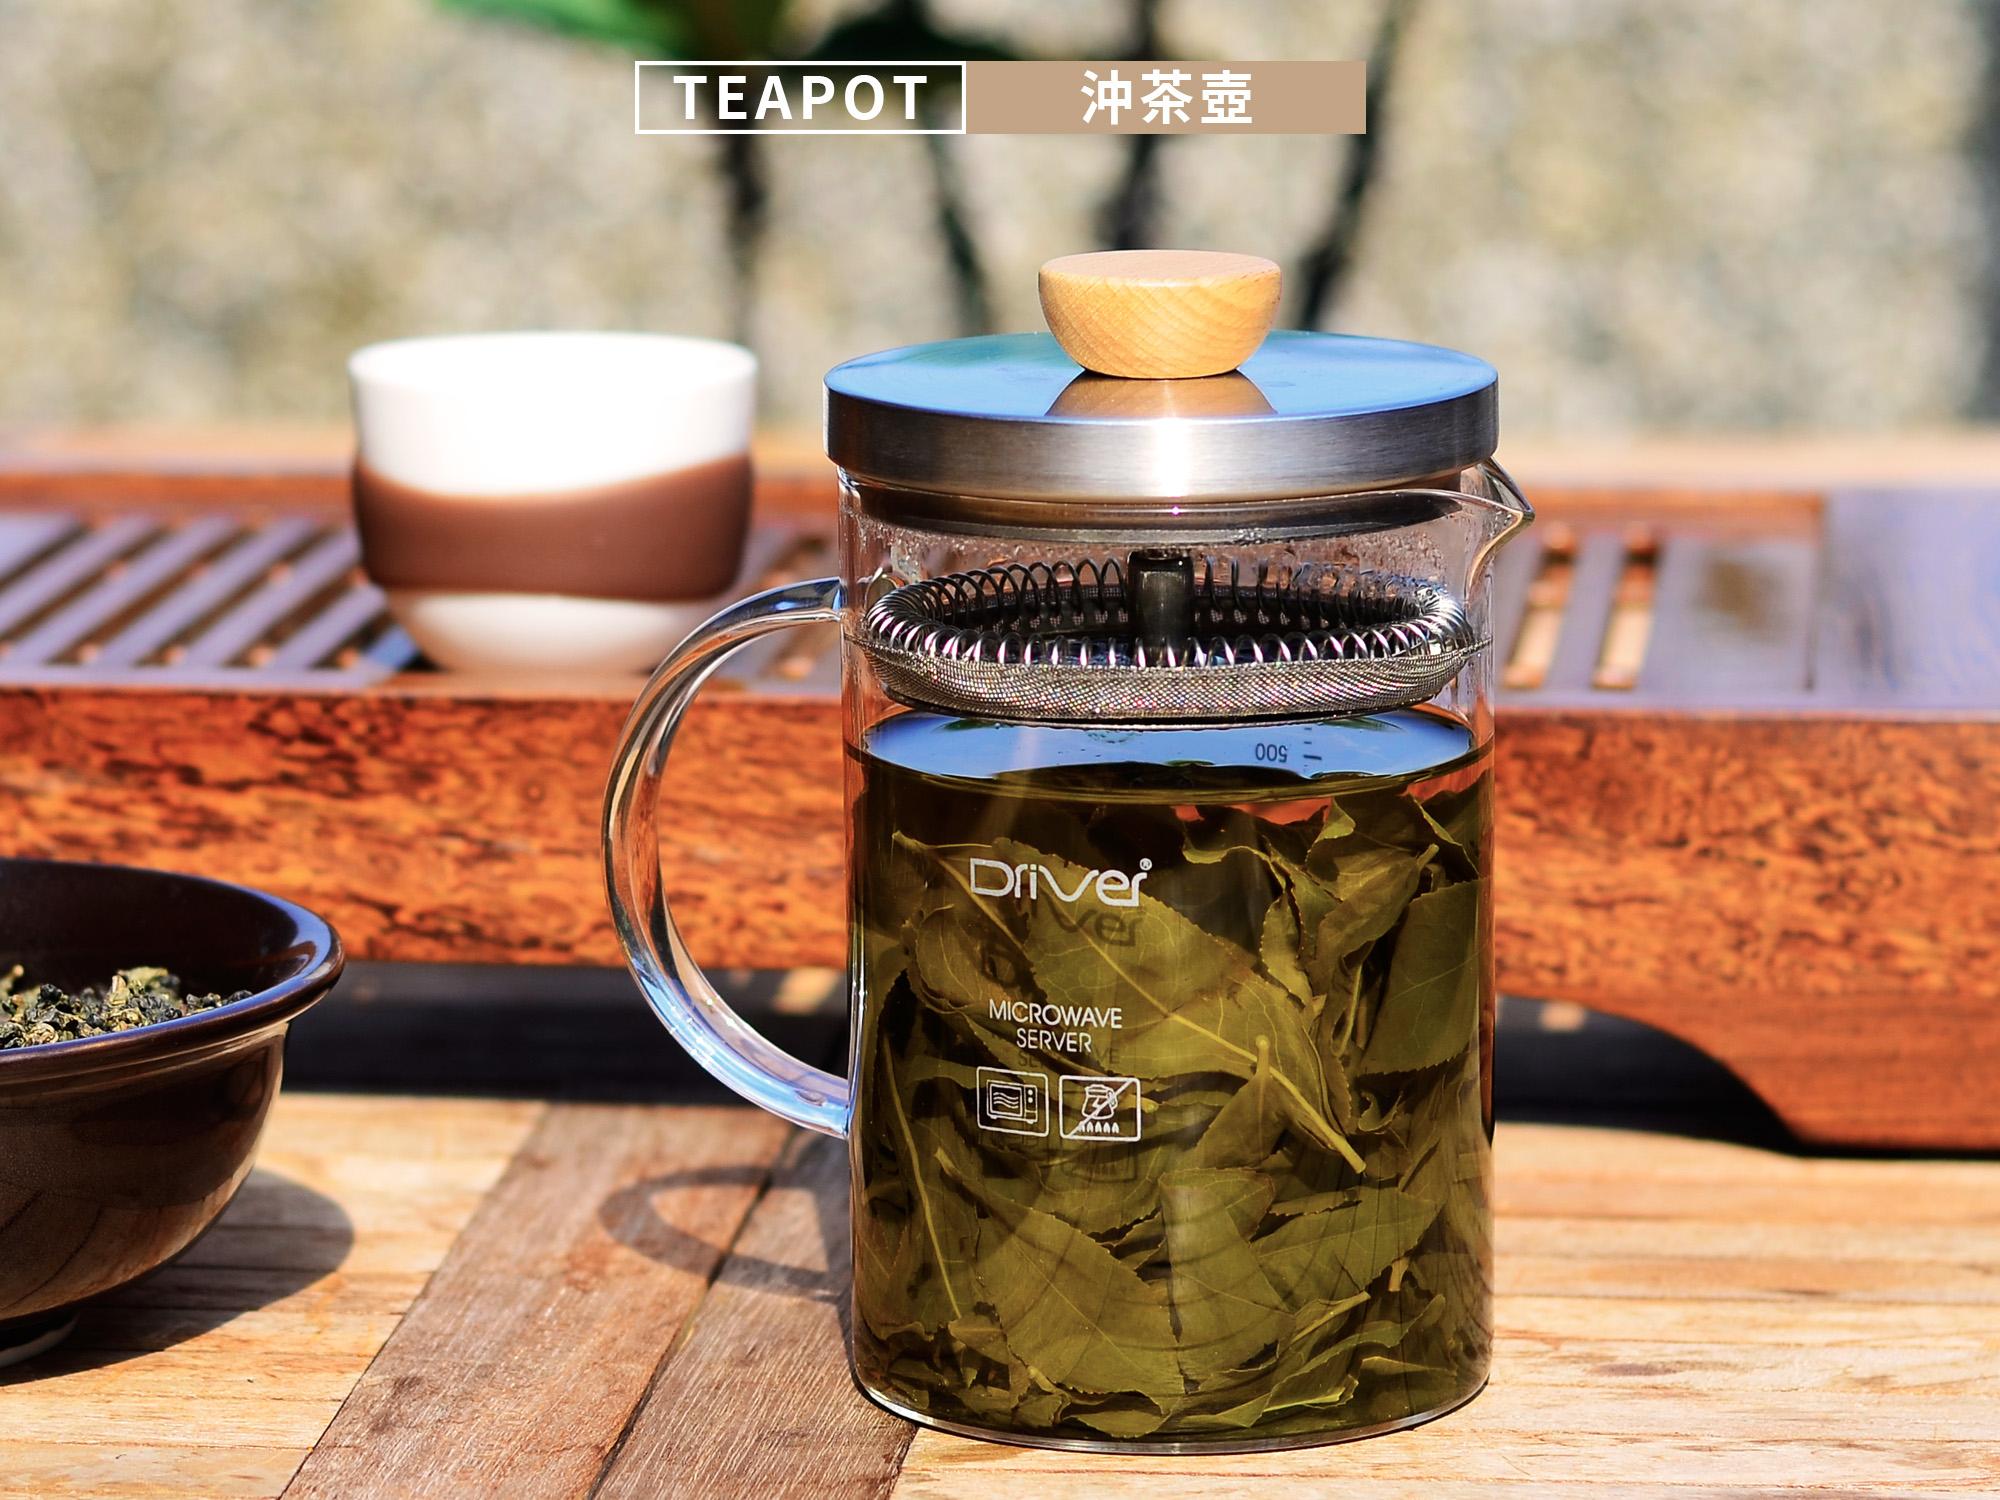 泡茶壺,沖茶壺